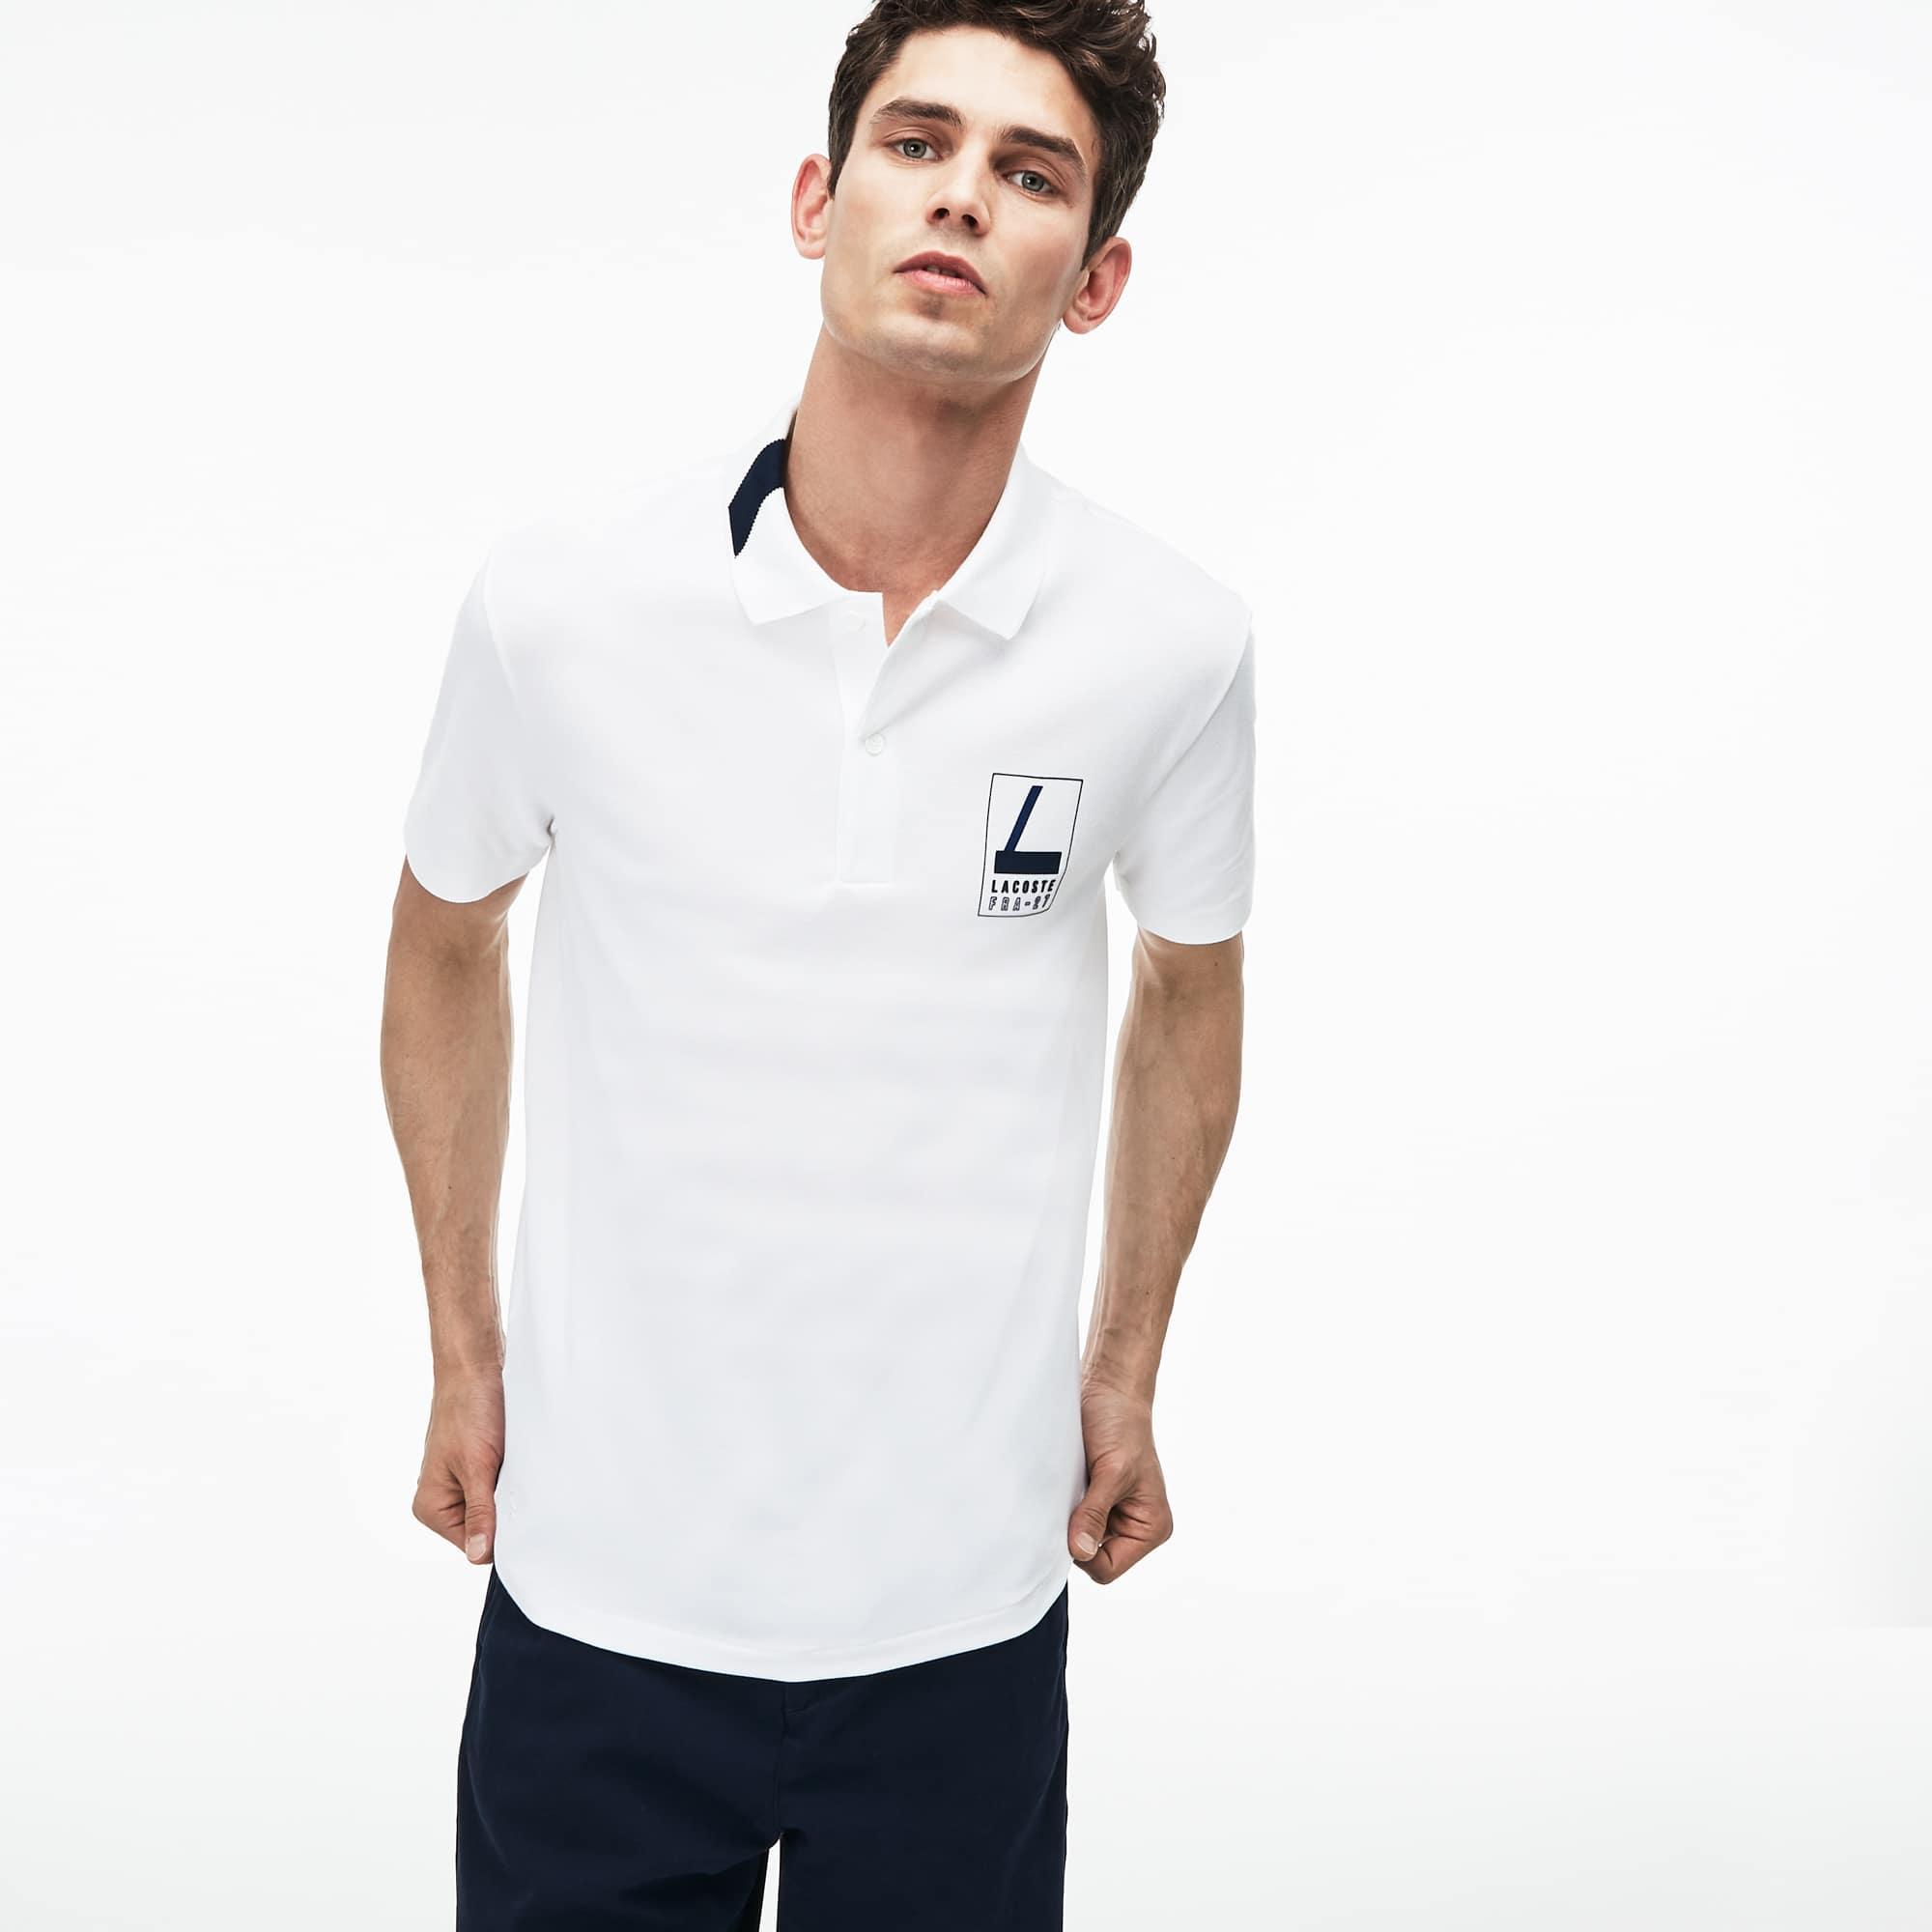 Men's Slim Fit Lettering Stretch Mini Piqué Polo